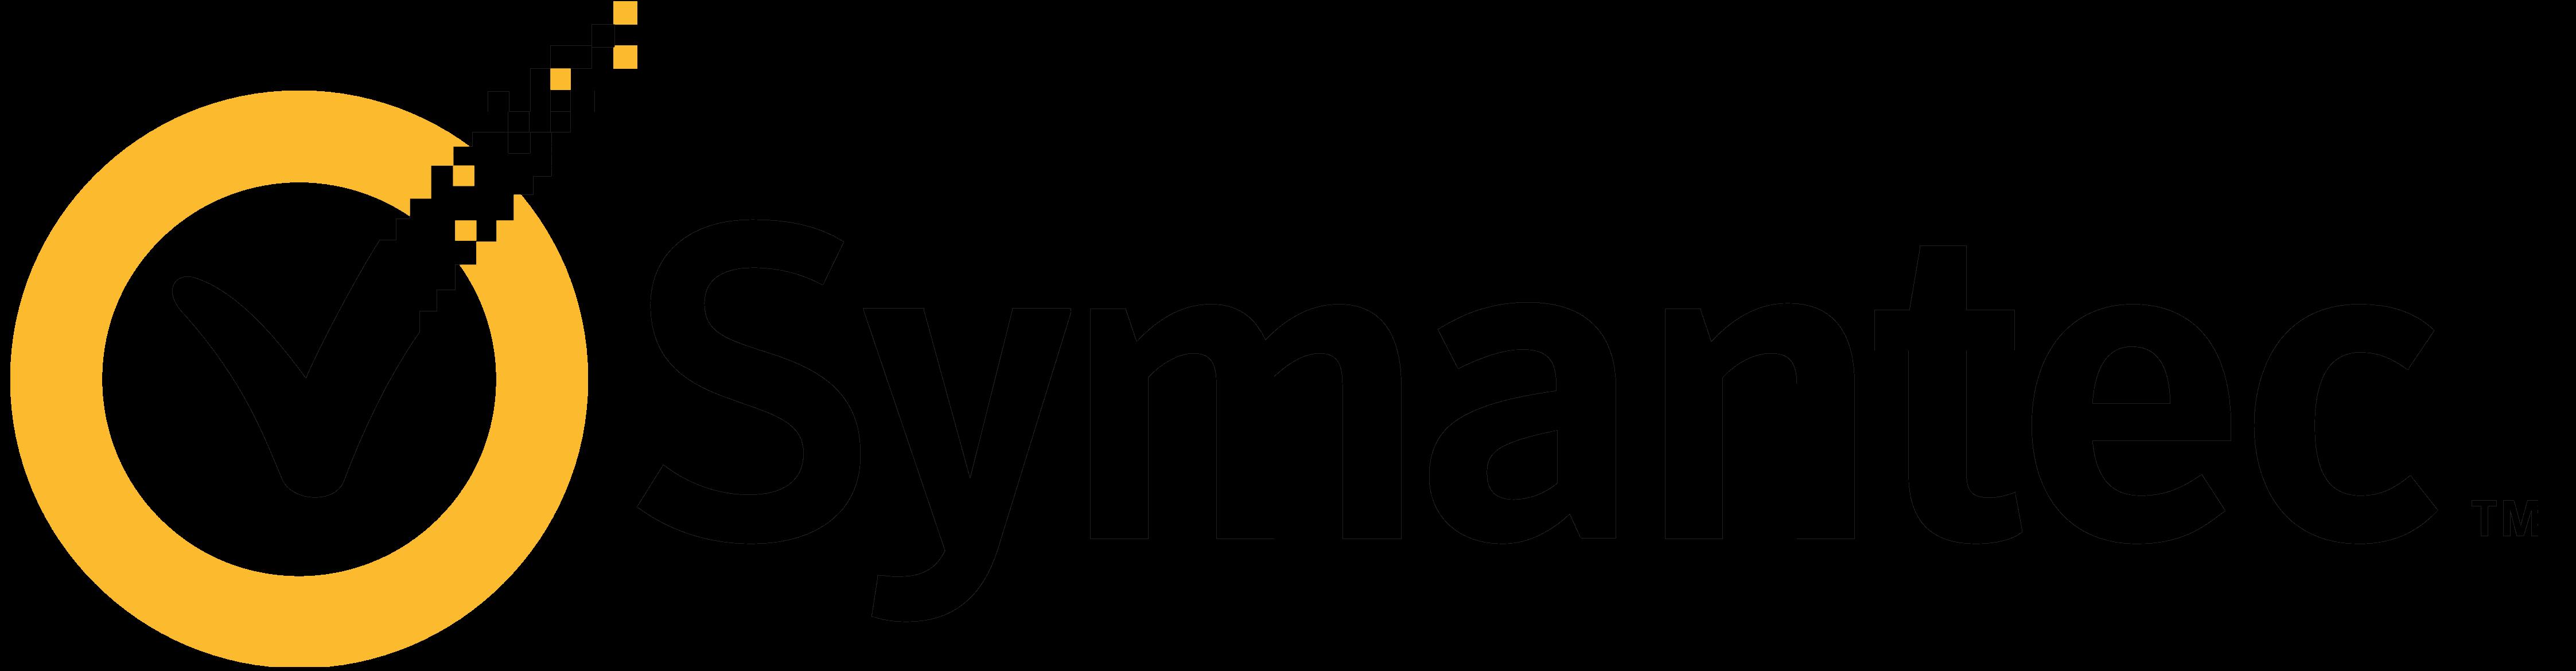 Partners - Aquion  Symantec Logo 2017